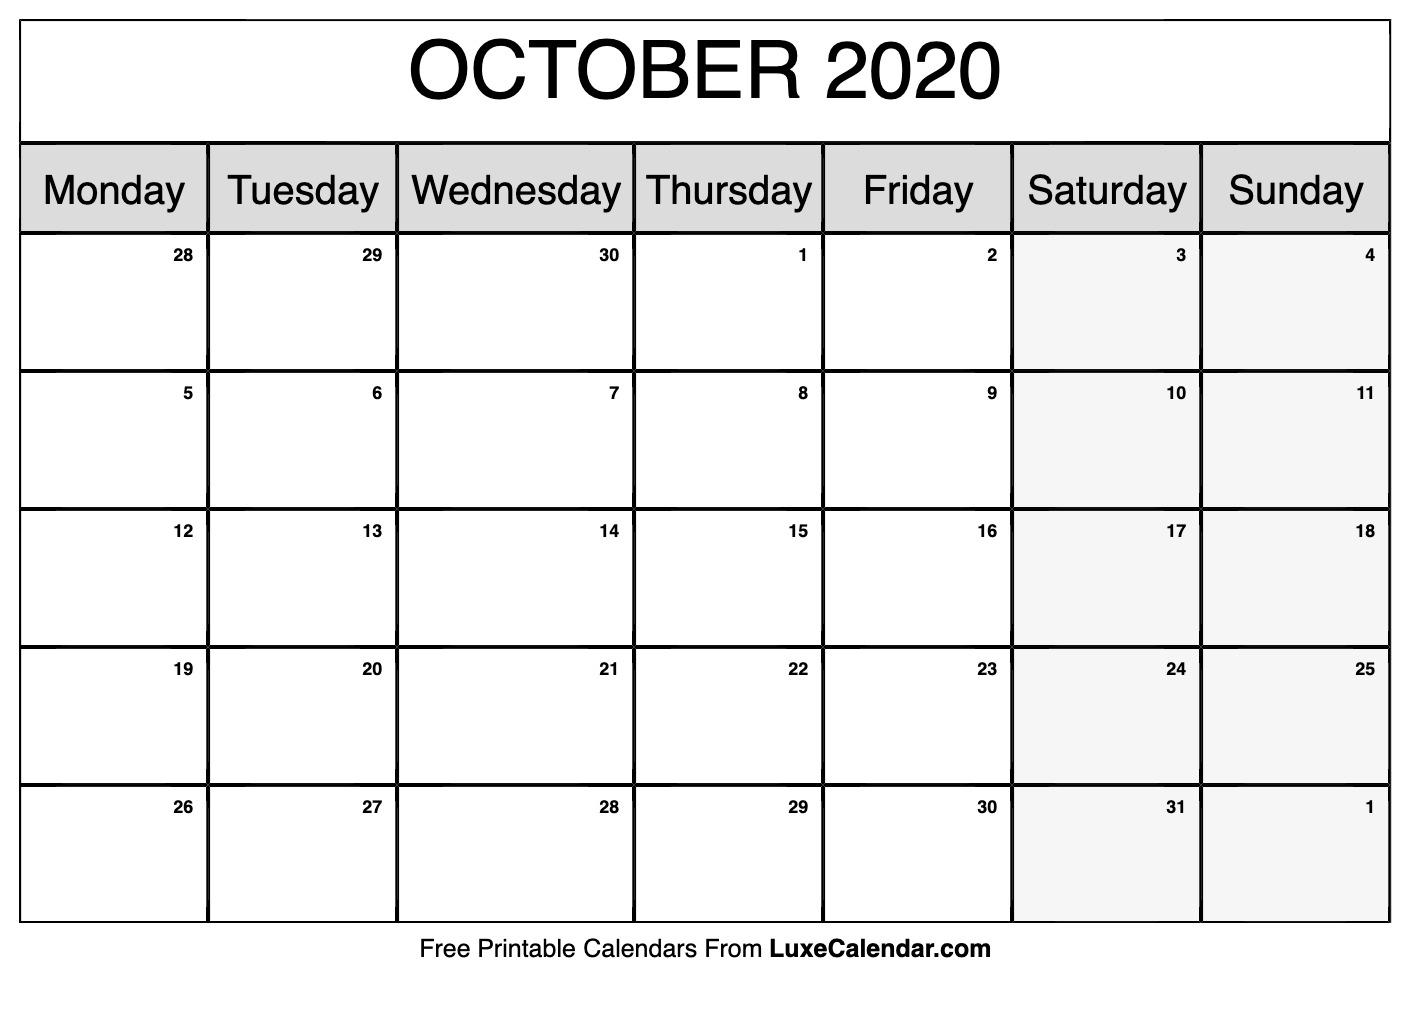 Blank October 2020 Calendar Printable - Luxe Calendar